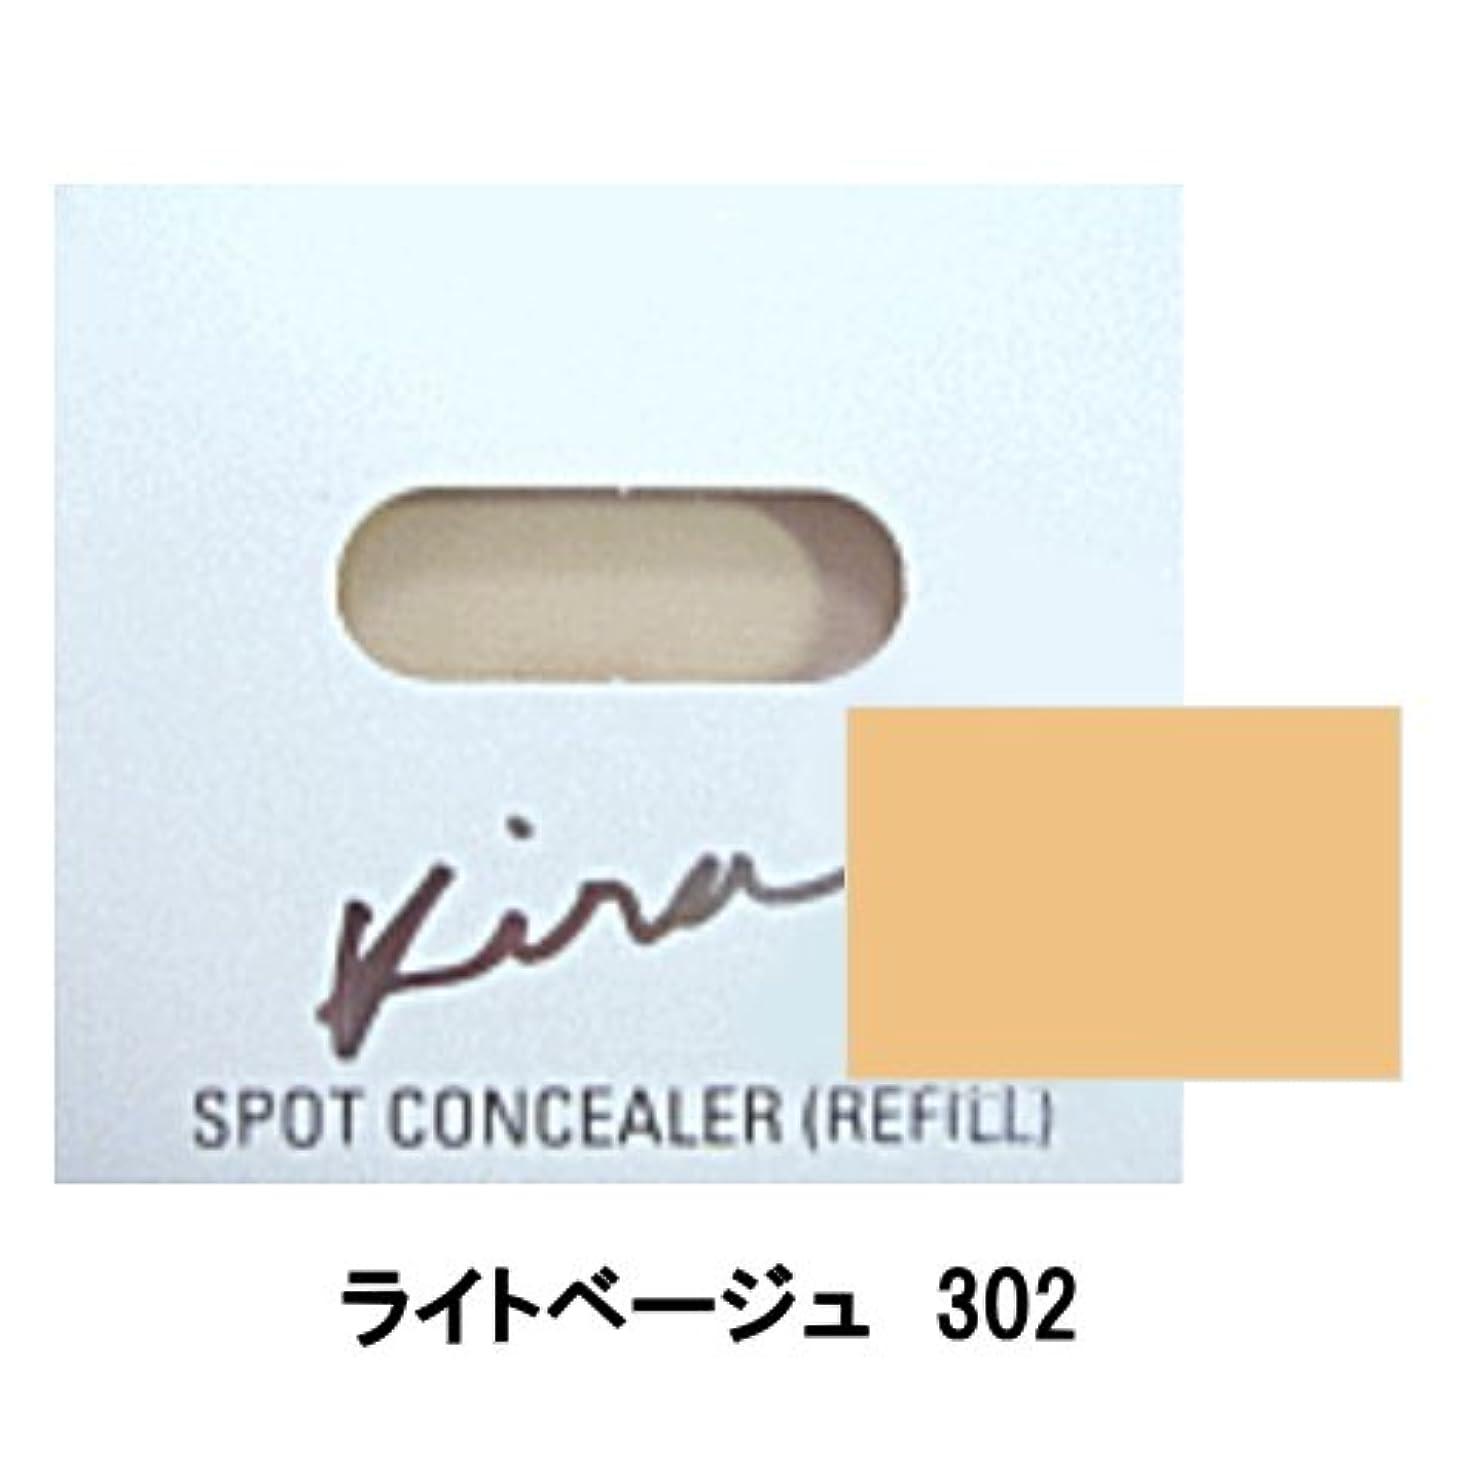 あご衝撃傾向綺羅化粧品 (キラ化粧品) スポットコンシーラー 《リフィルのみ》 (ライトベージュ 302)